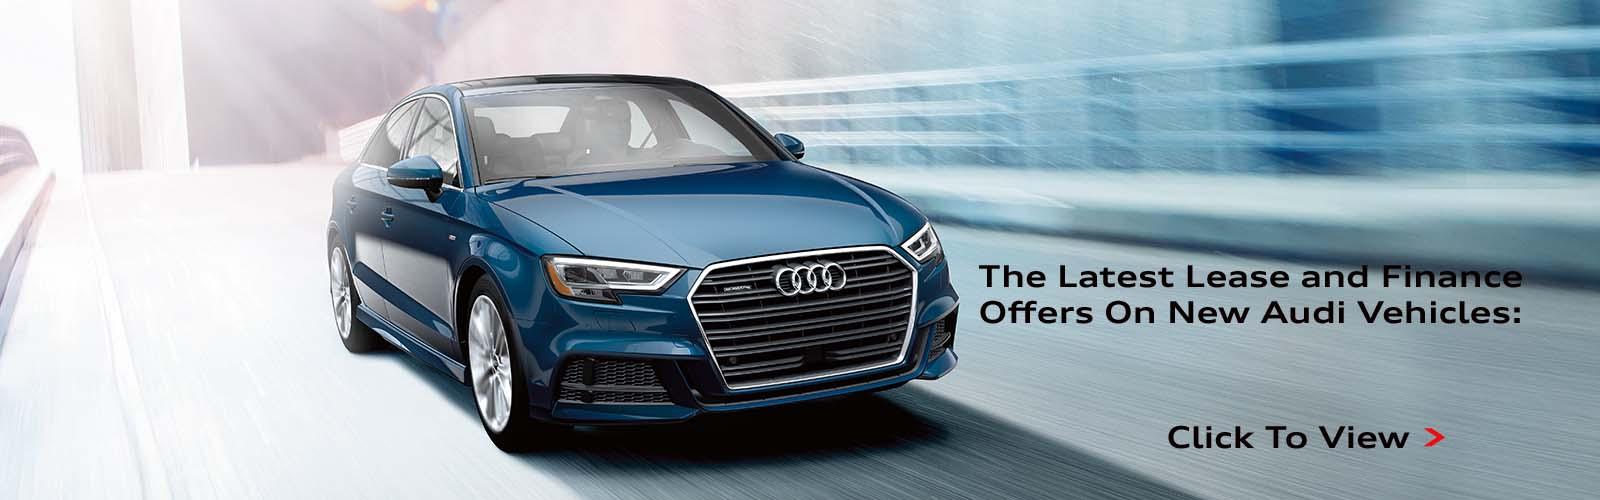 The Audi Connection New Audi Dealership In Cincinnati OH - Beechmont audi